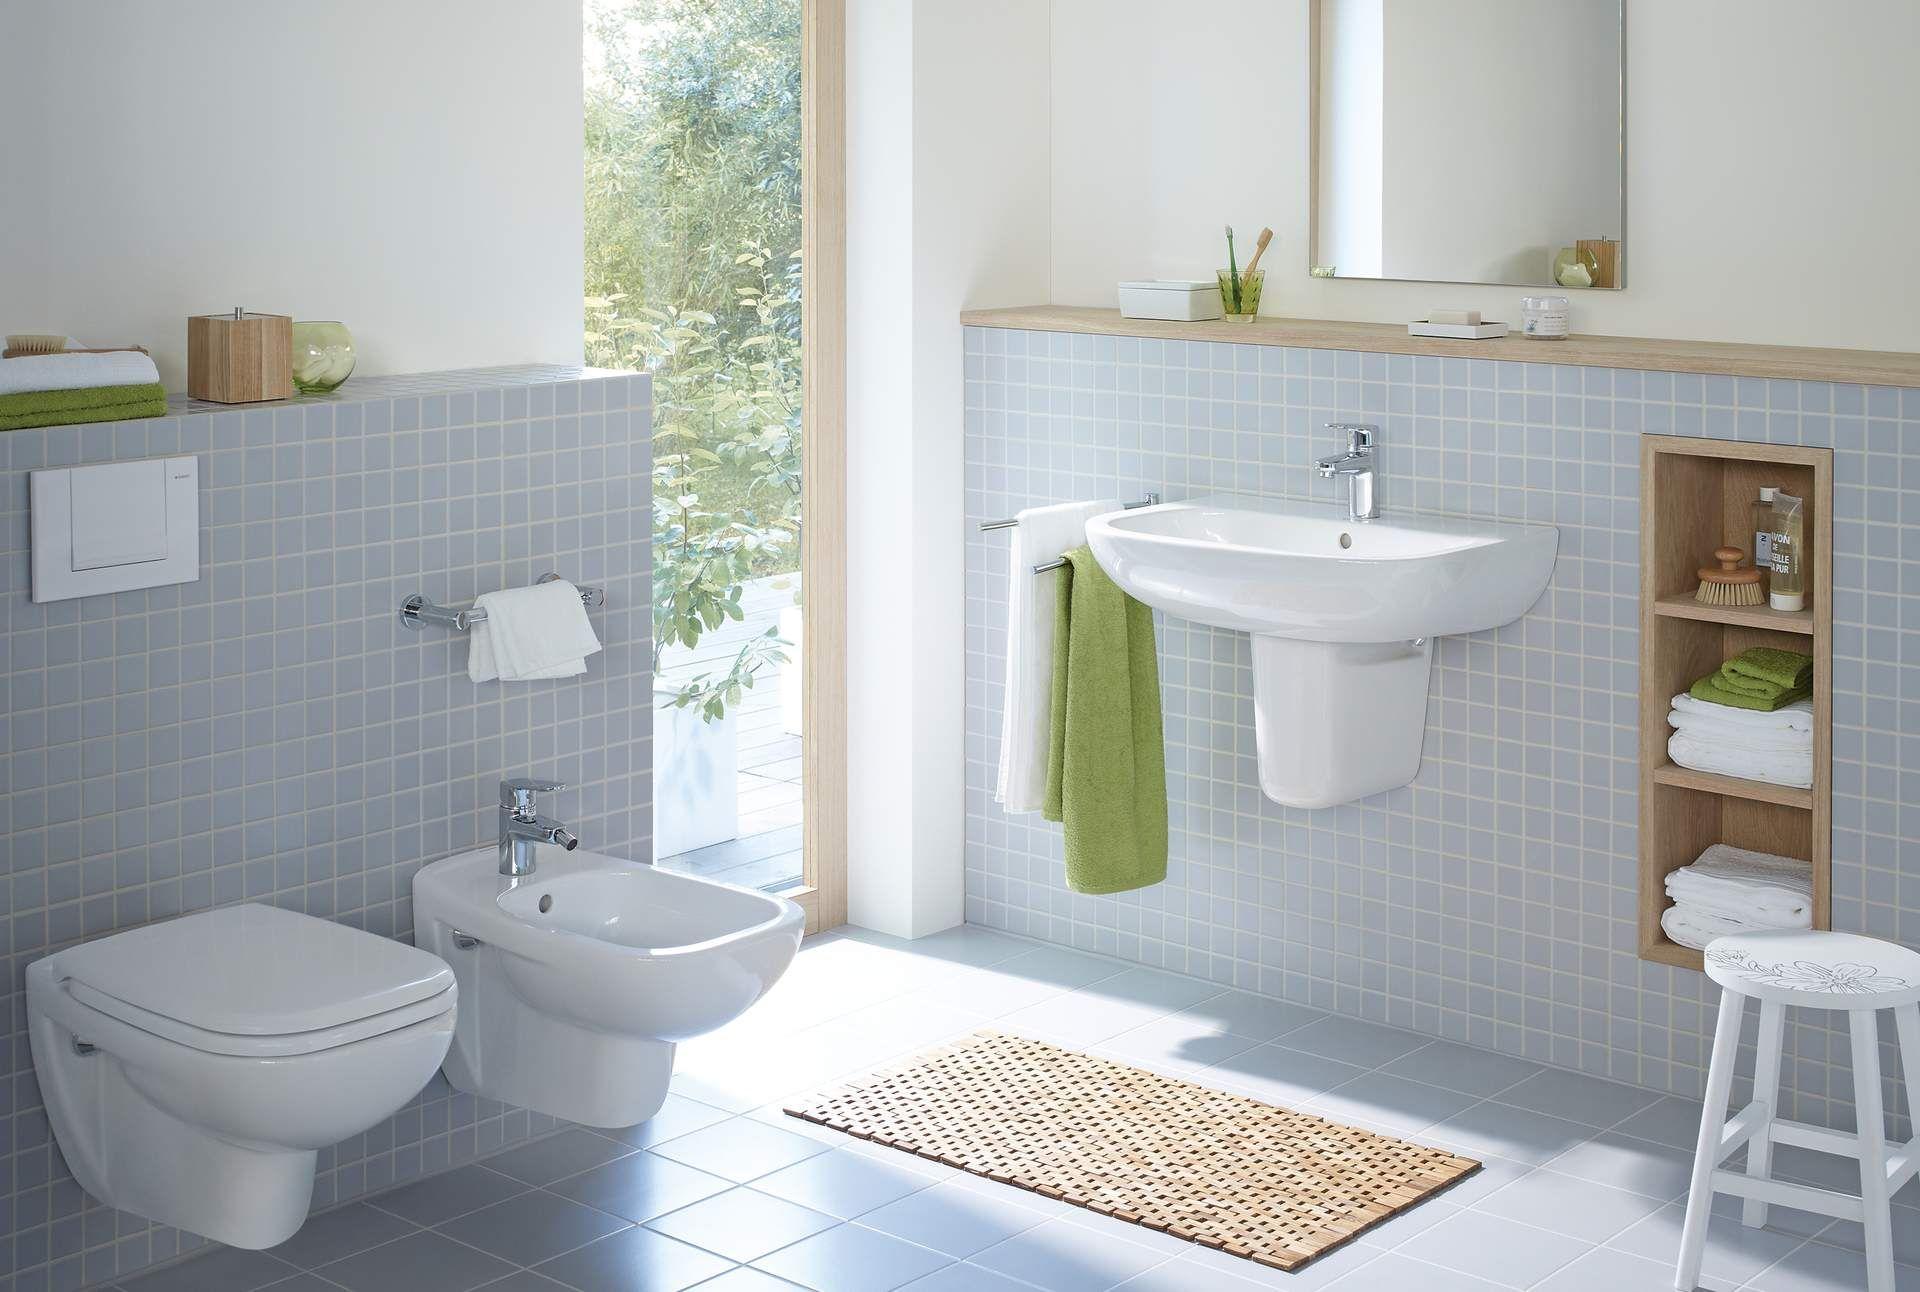 Подвесное биде и подвесной унитаз в ванной